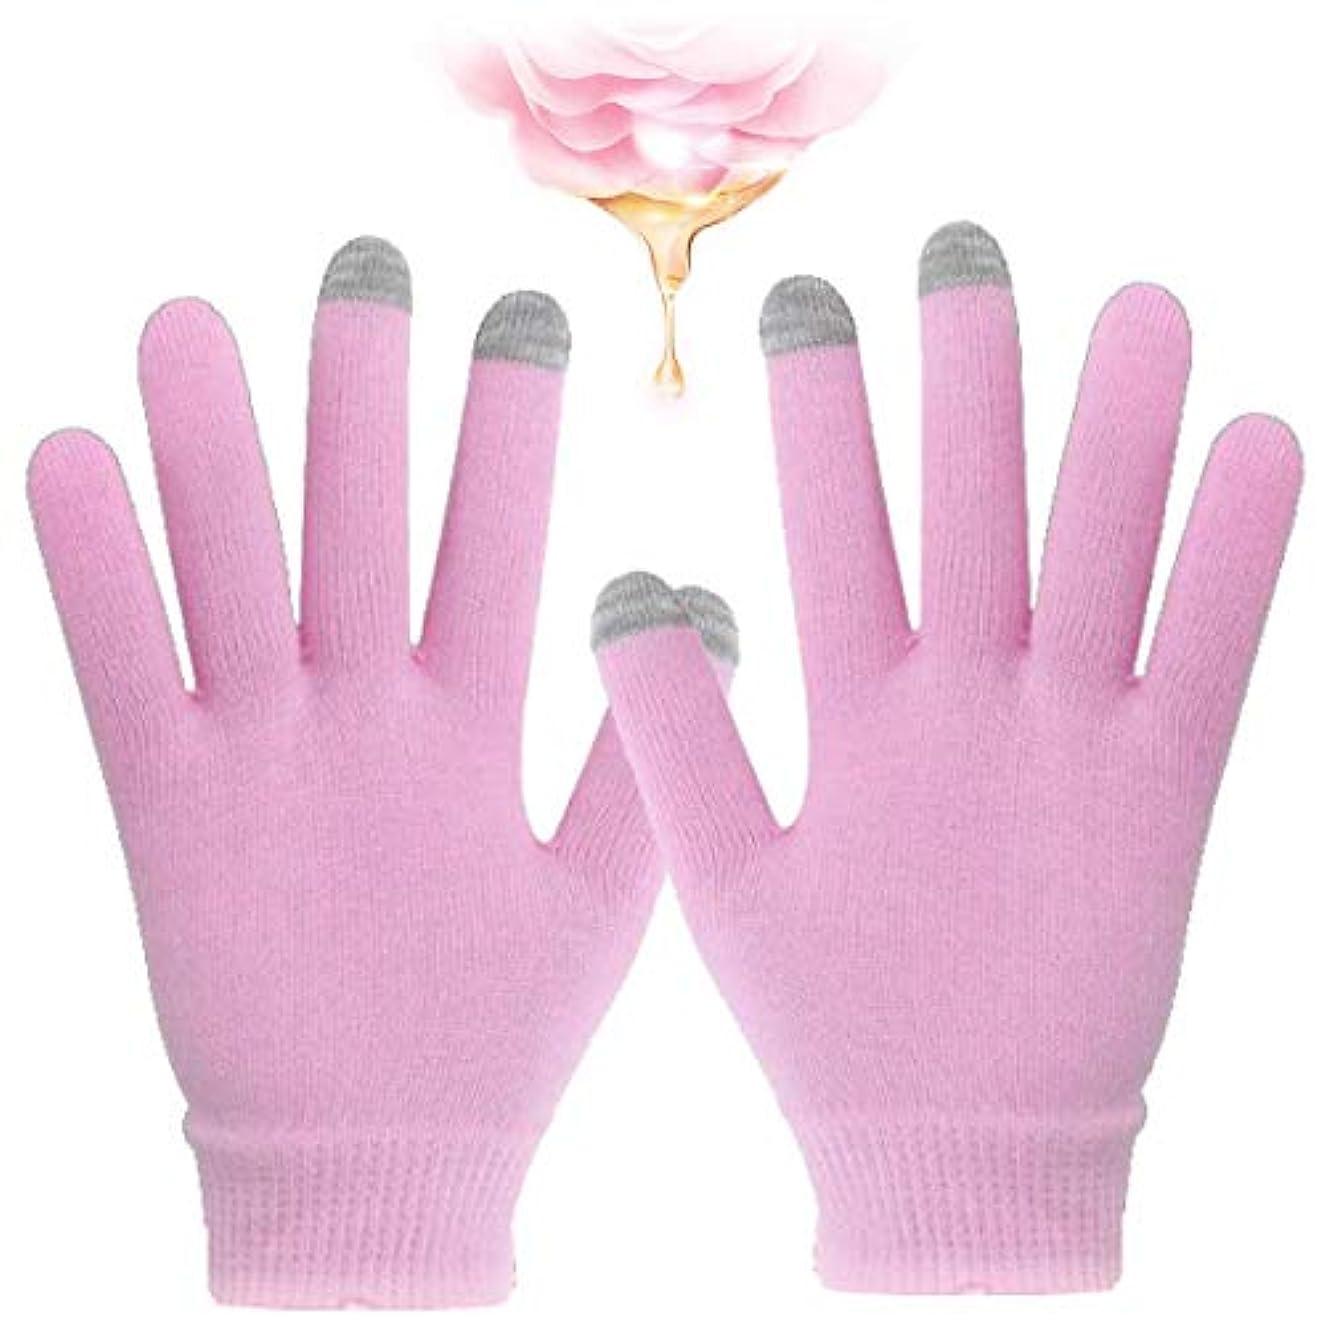 寝具アライメントスキムハンドケア 手袋 スマホ対応 手袋 ゲル 保湿 美容成分配合 手荒れ 対策 おやすみ スキンケア グローブ うるおい 保護 タブレット